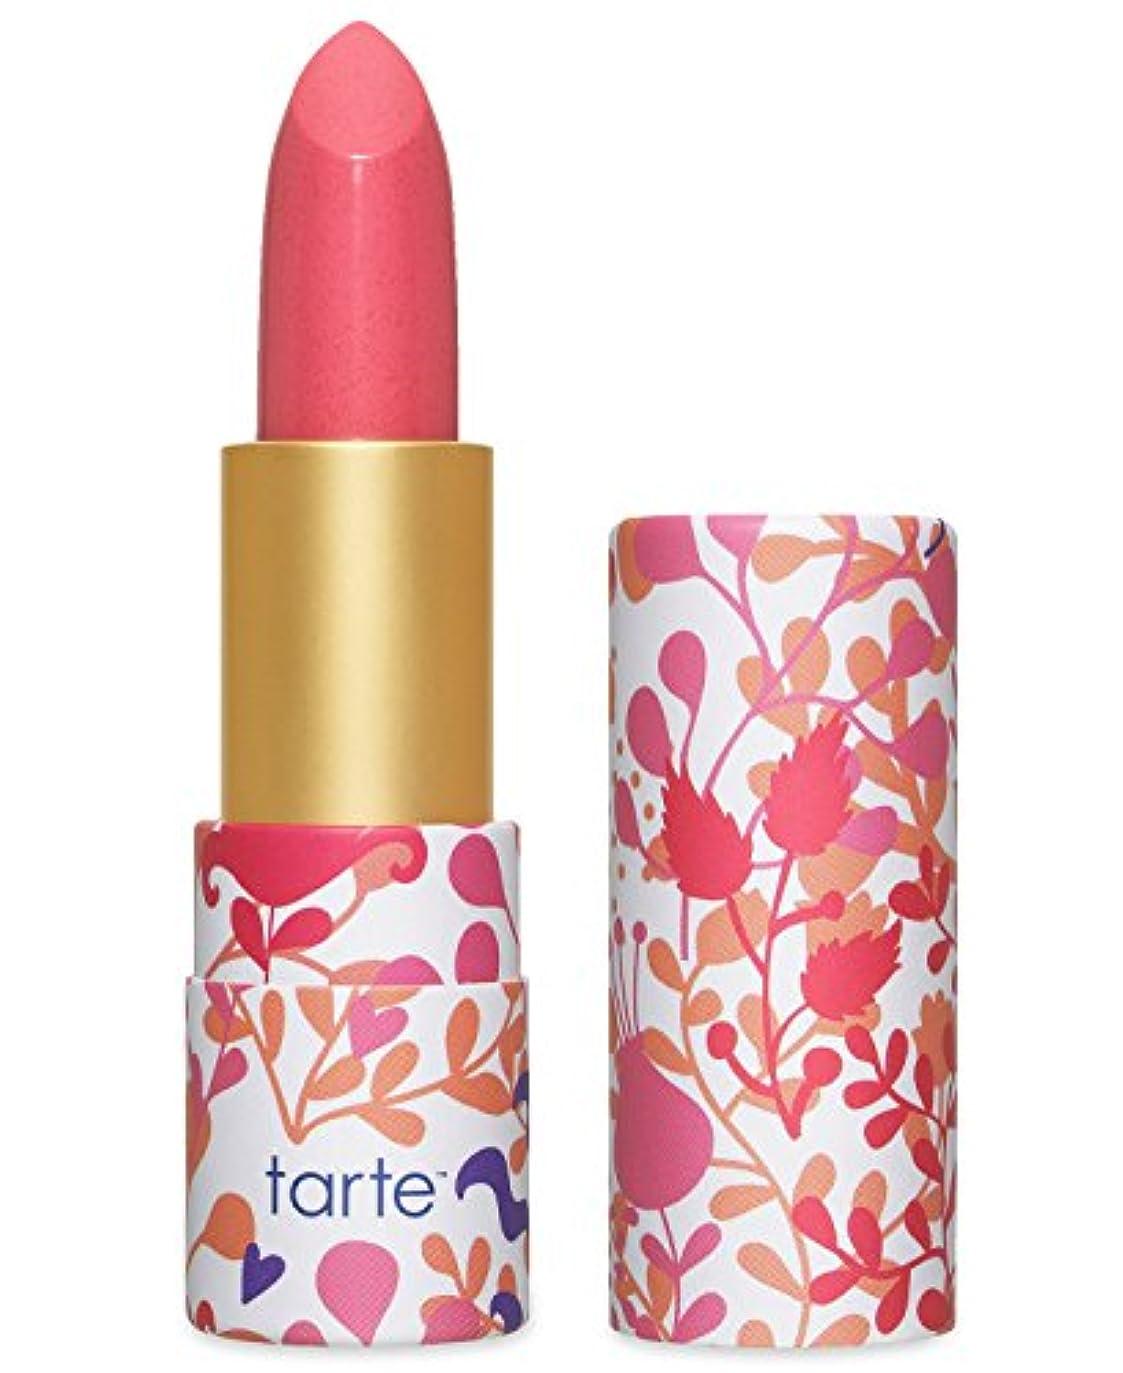 酔うガラス足Tarte Amazonian Butter Lipstick ターテ アマゾニアン バターリップステック Pink Peony [並行輸入品]